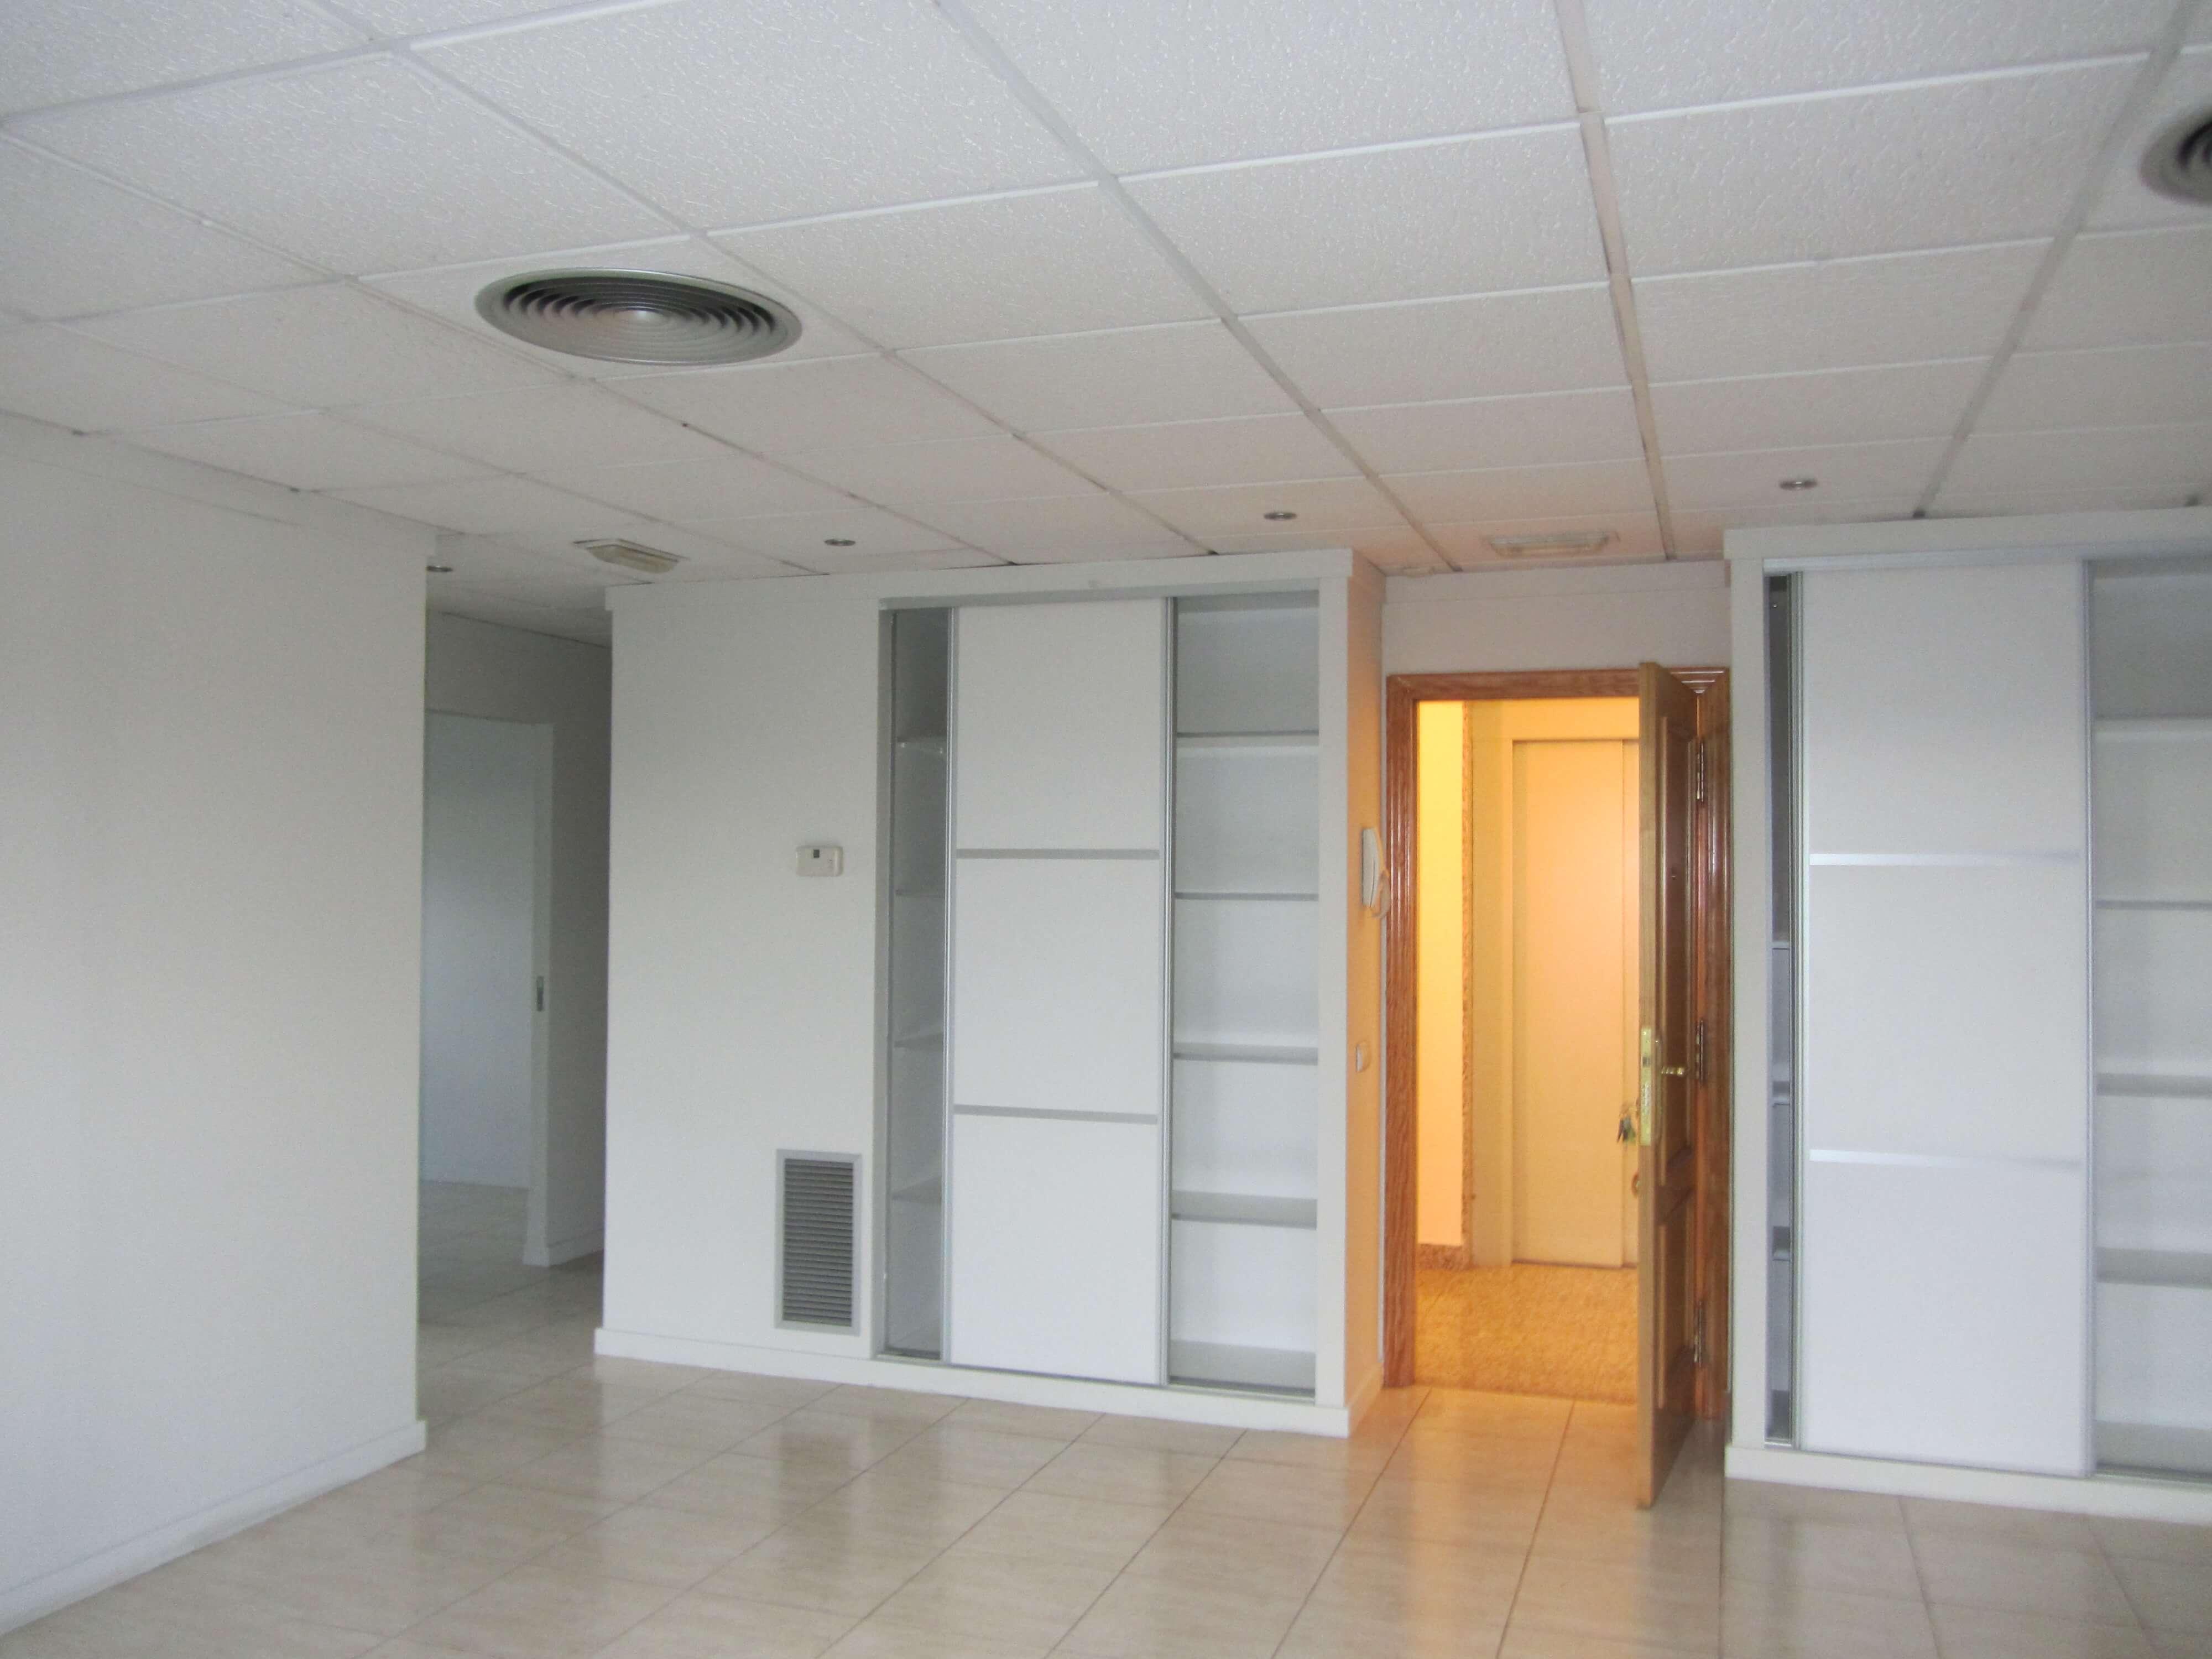 Oficinas Coslada Madrid - Entrada principal